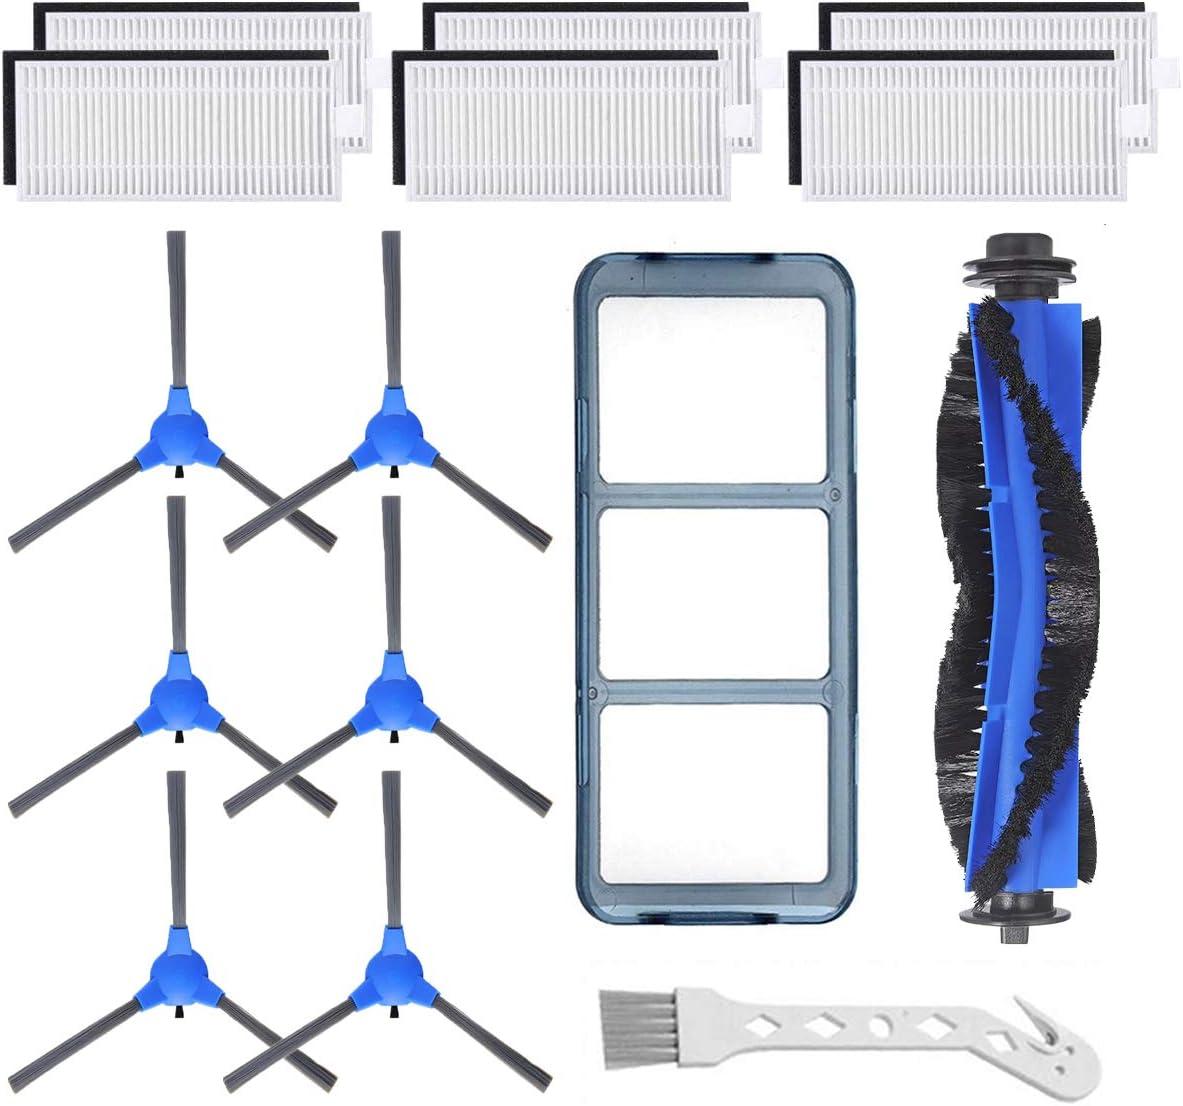 Kit de accesorios aspirador RoboVac 11S,30,30C,15 (12QS)